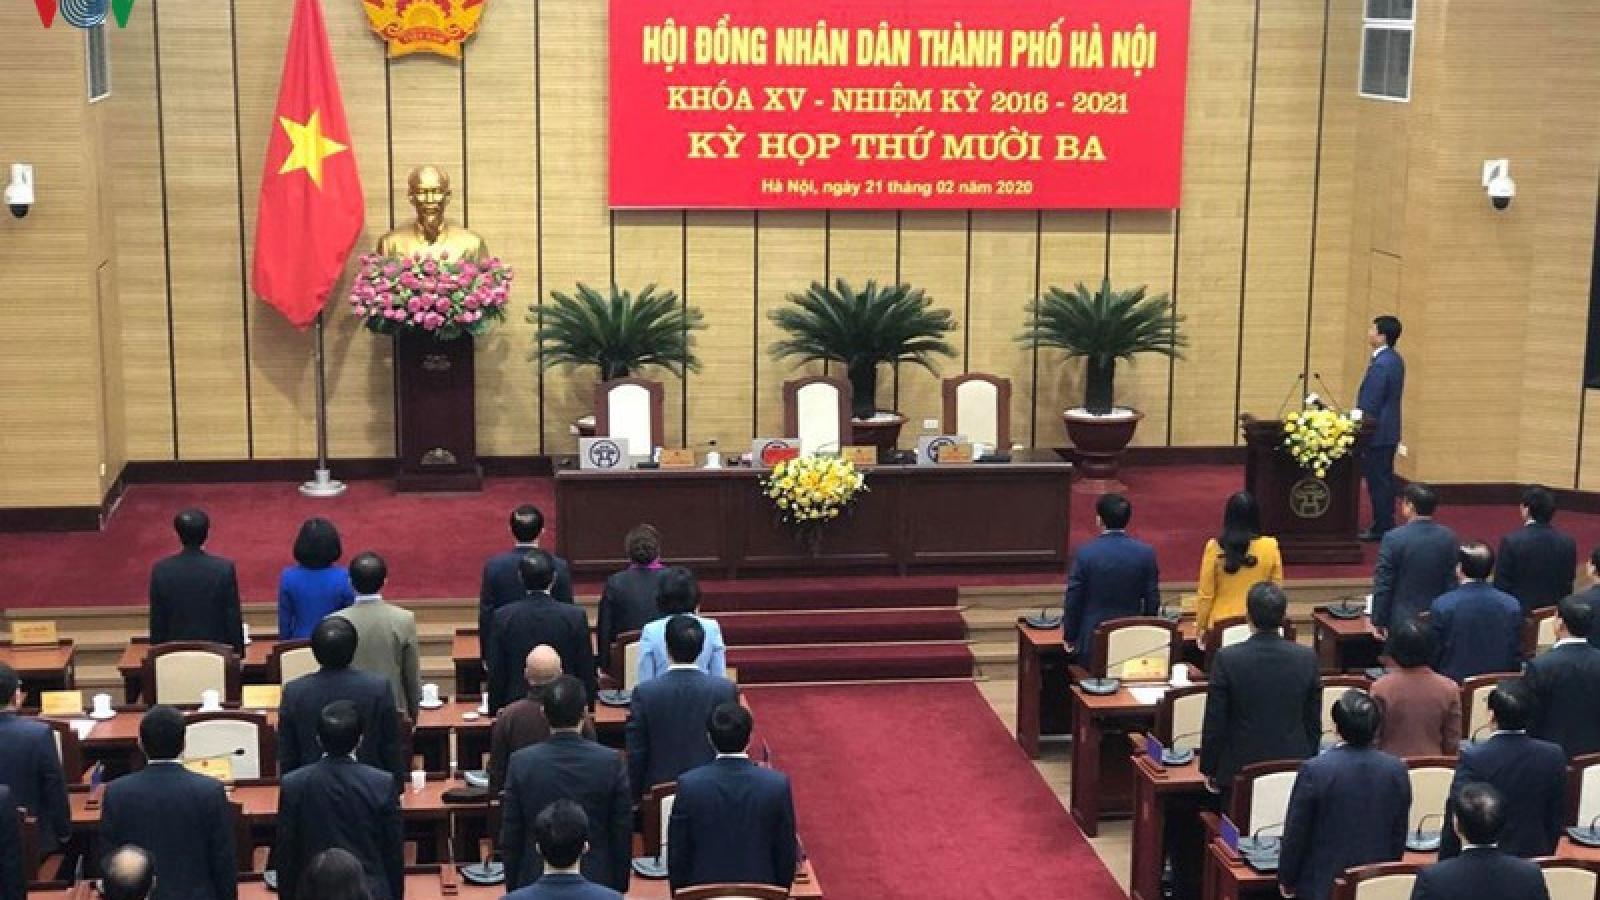 HĐND TP Hà Nội họp điều chỉnh kế hoạch đầu tư công và vốn ngân sách